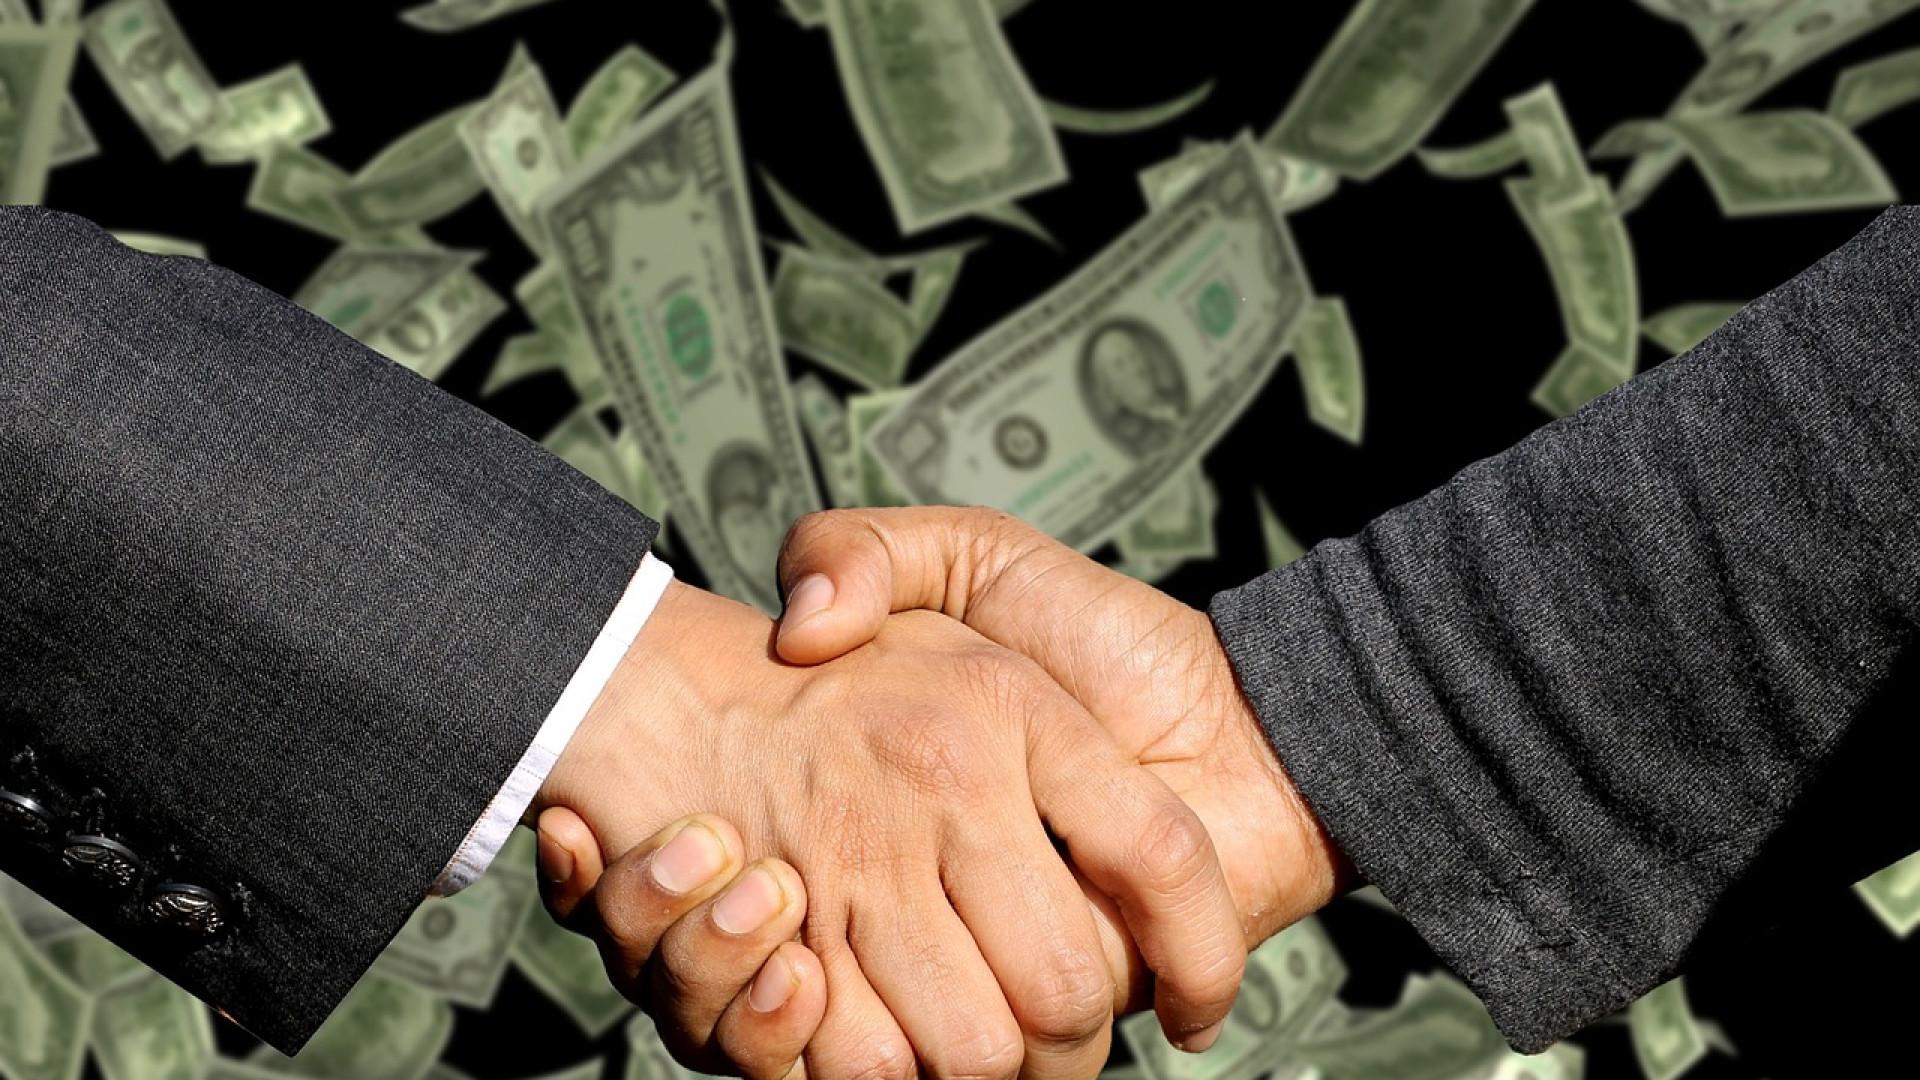 L'intérêt d'un prêt personnel pour financer des projets de la vie courante